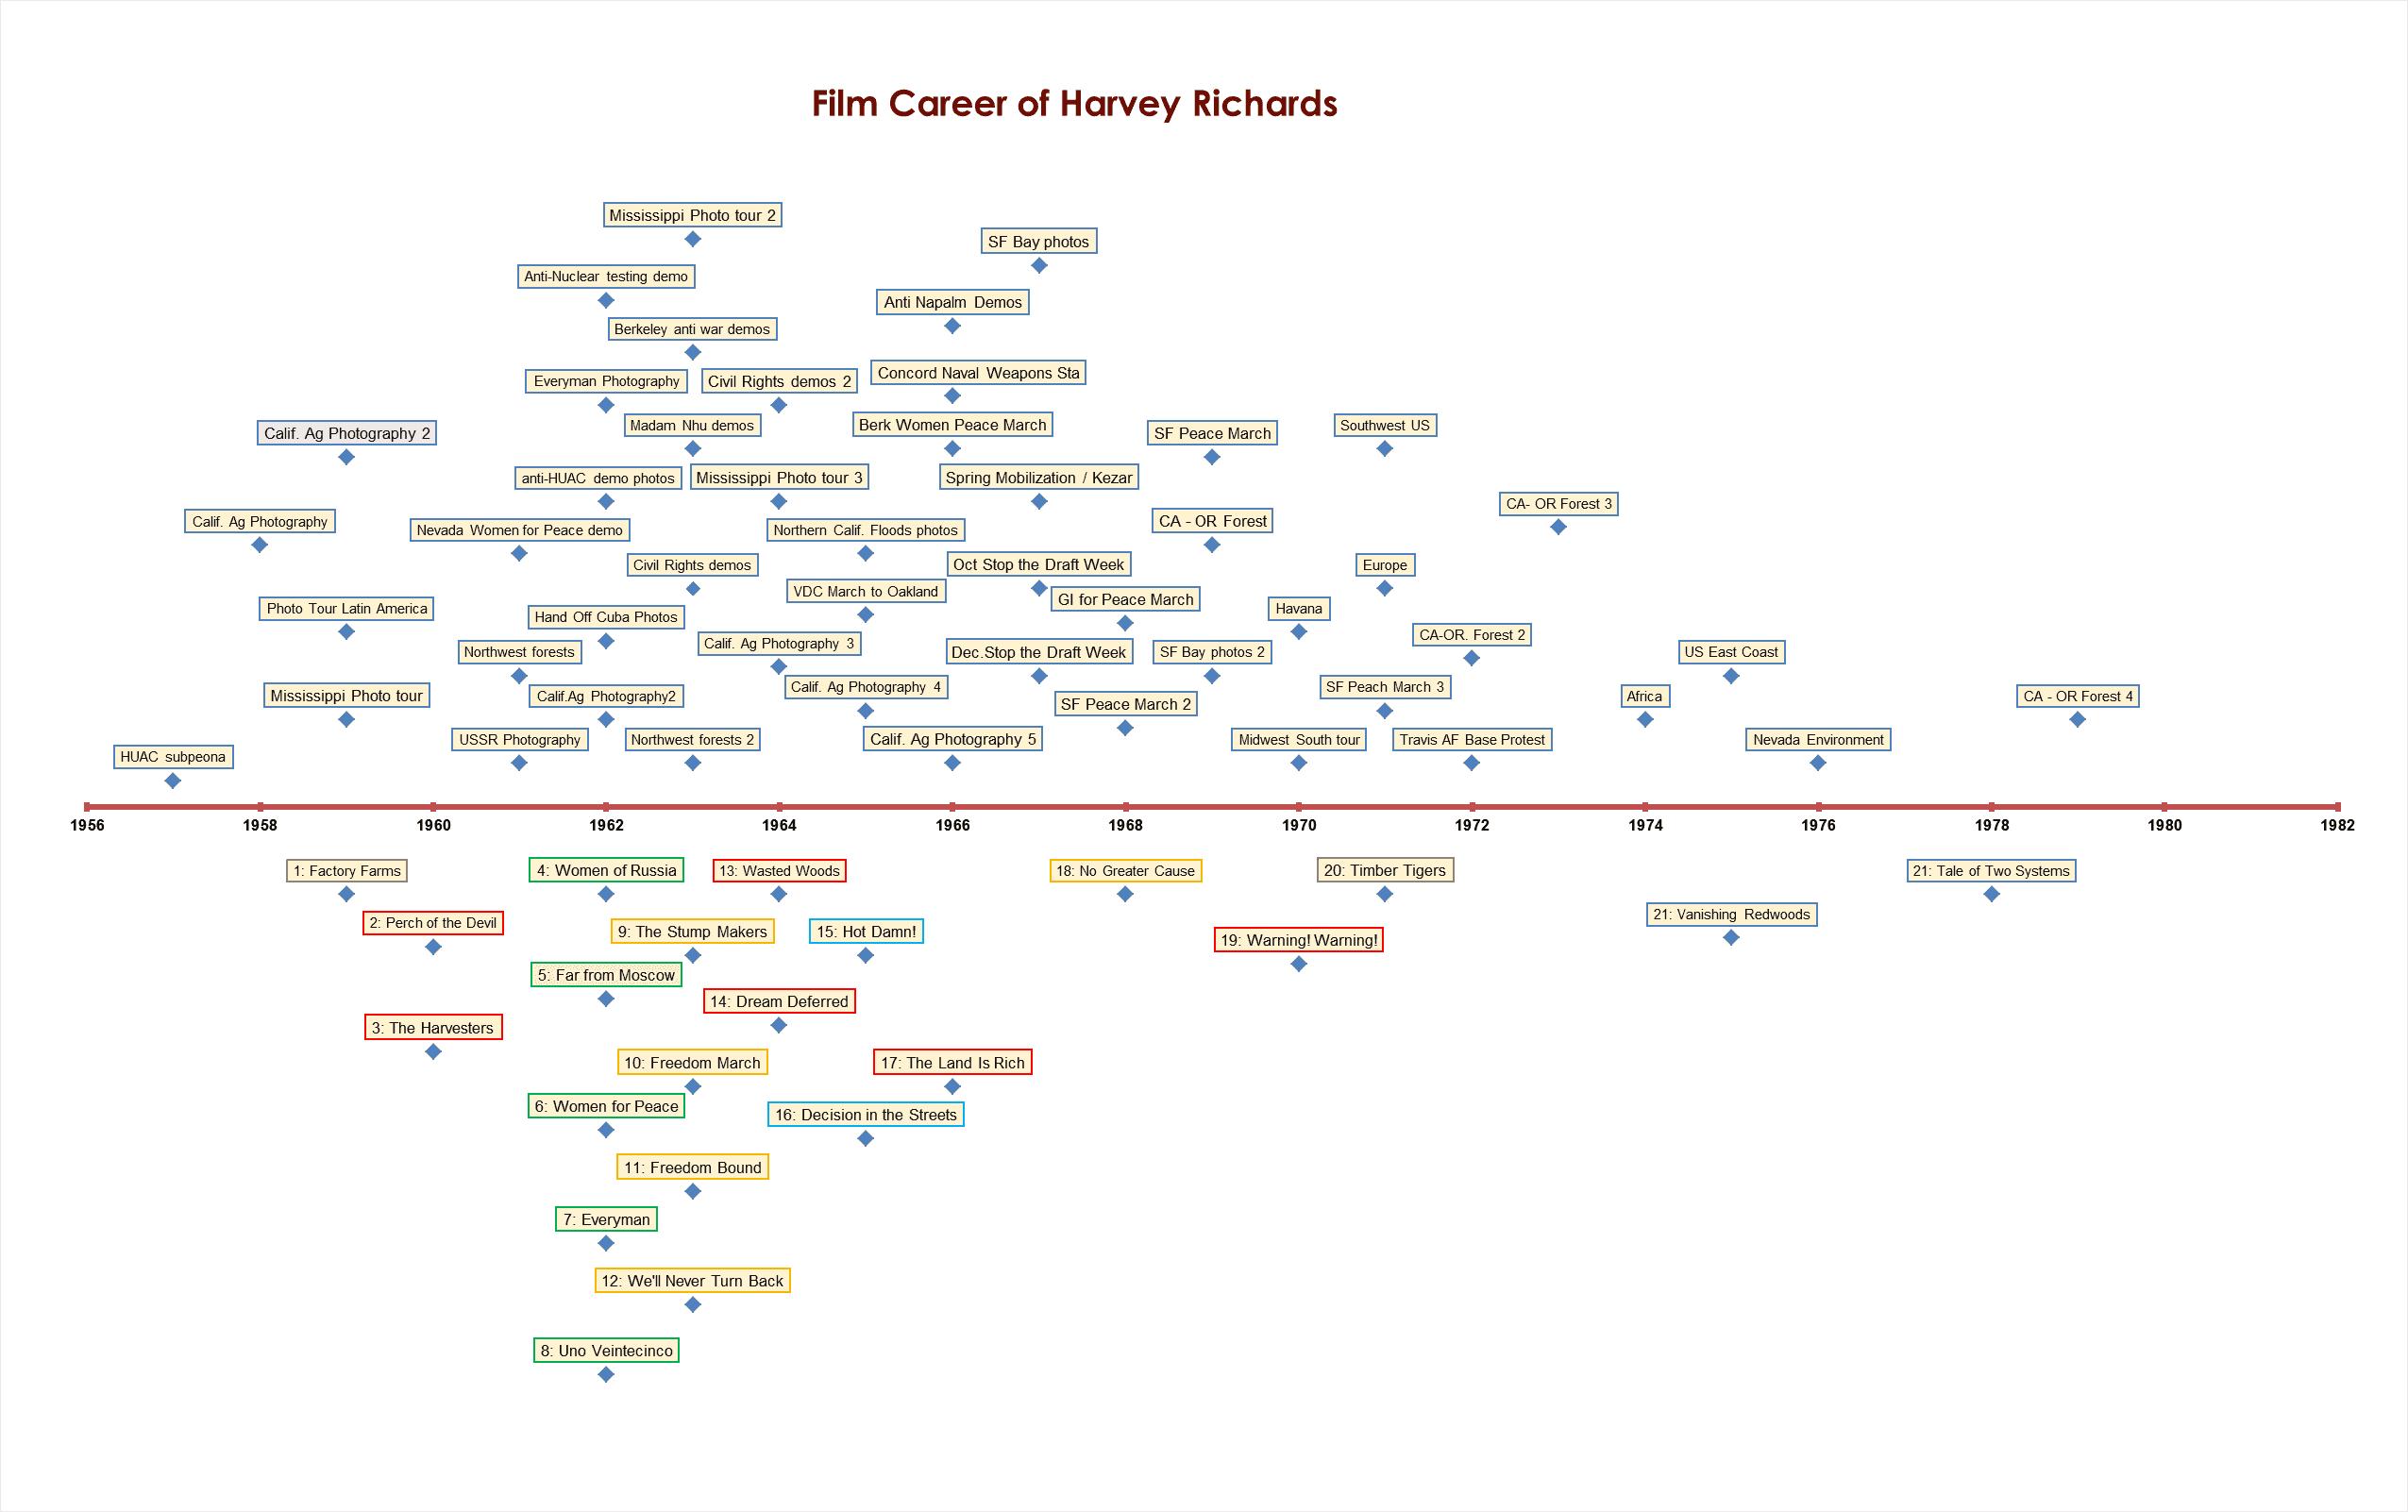 HWR timeline